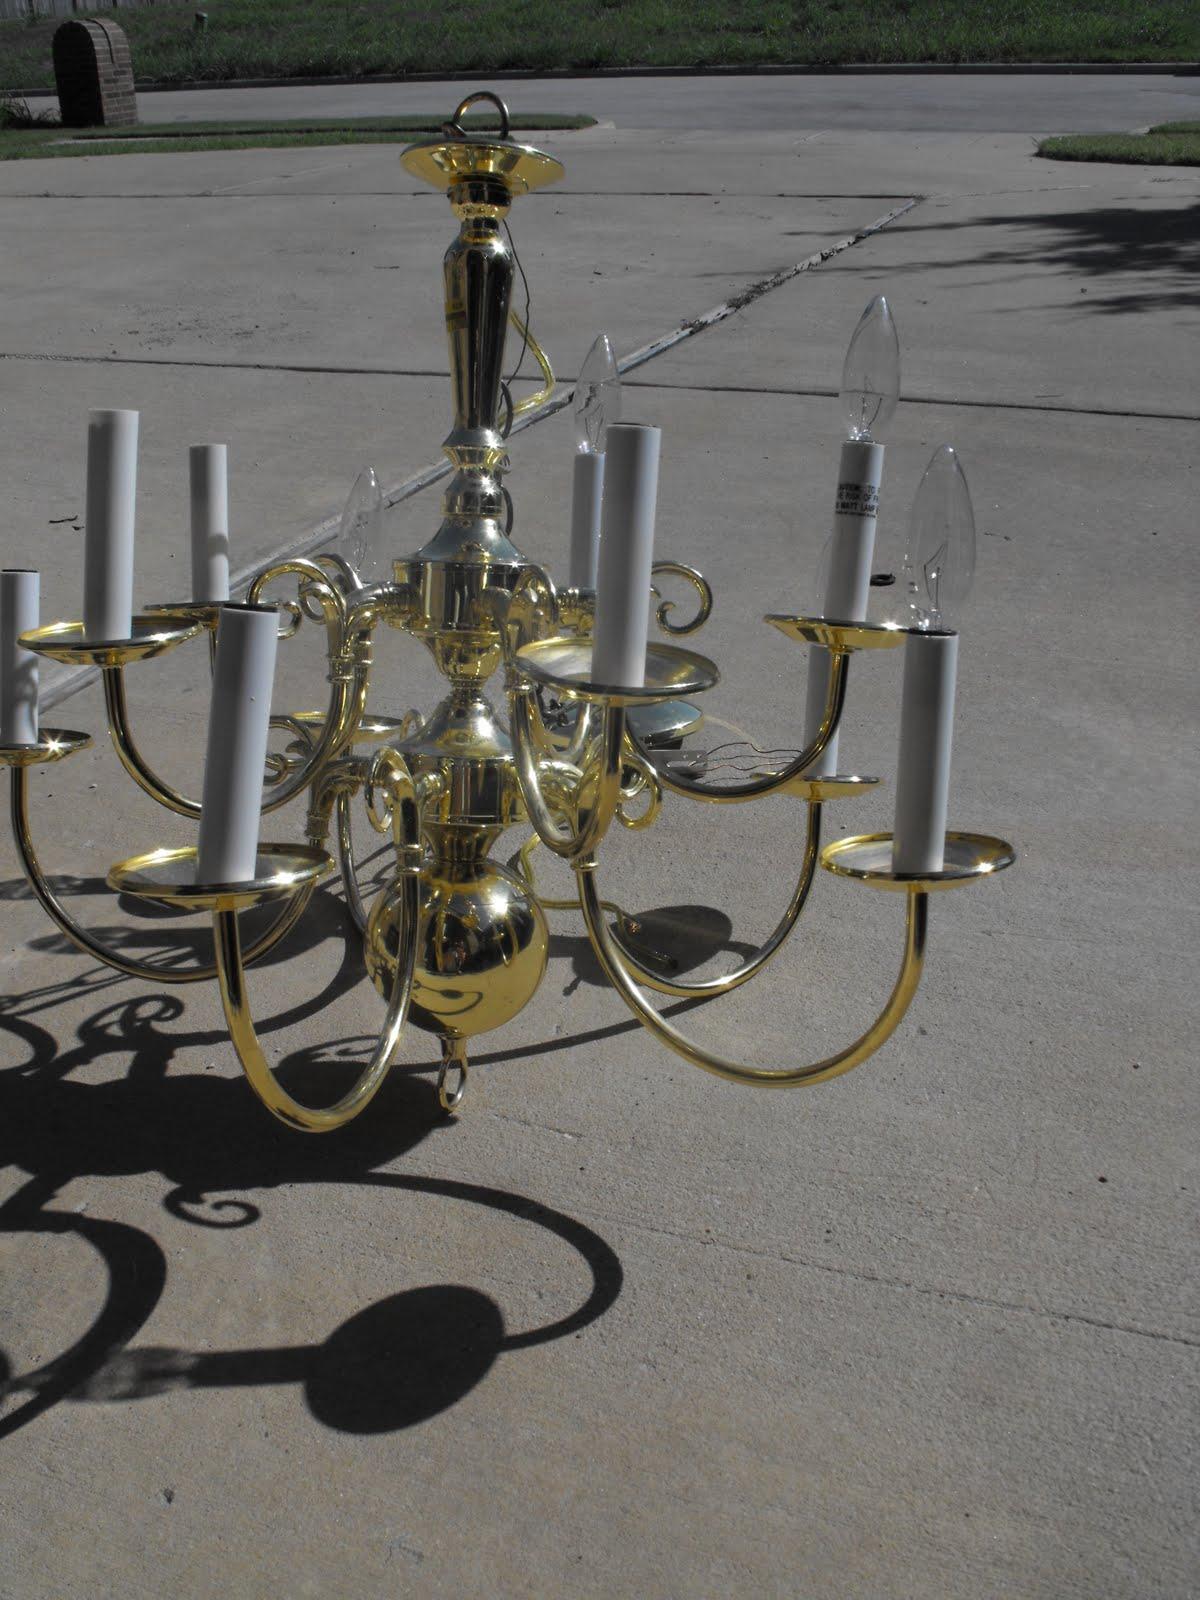 Remodelaholic diy brass chandelier makeover diy brass chandelier makeover aloadofball Image collections